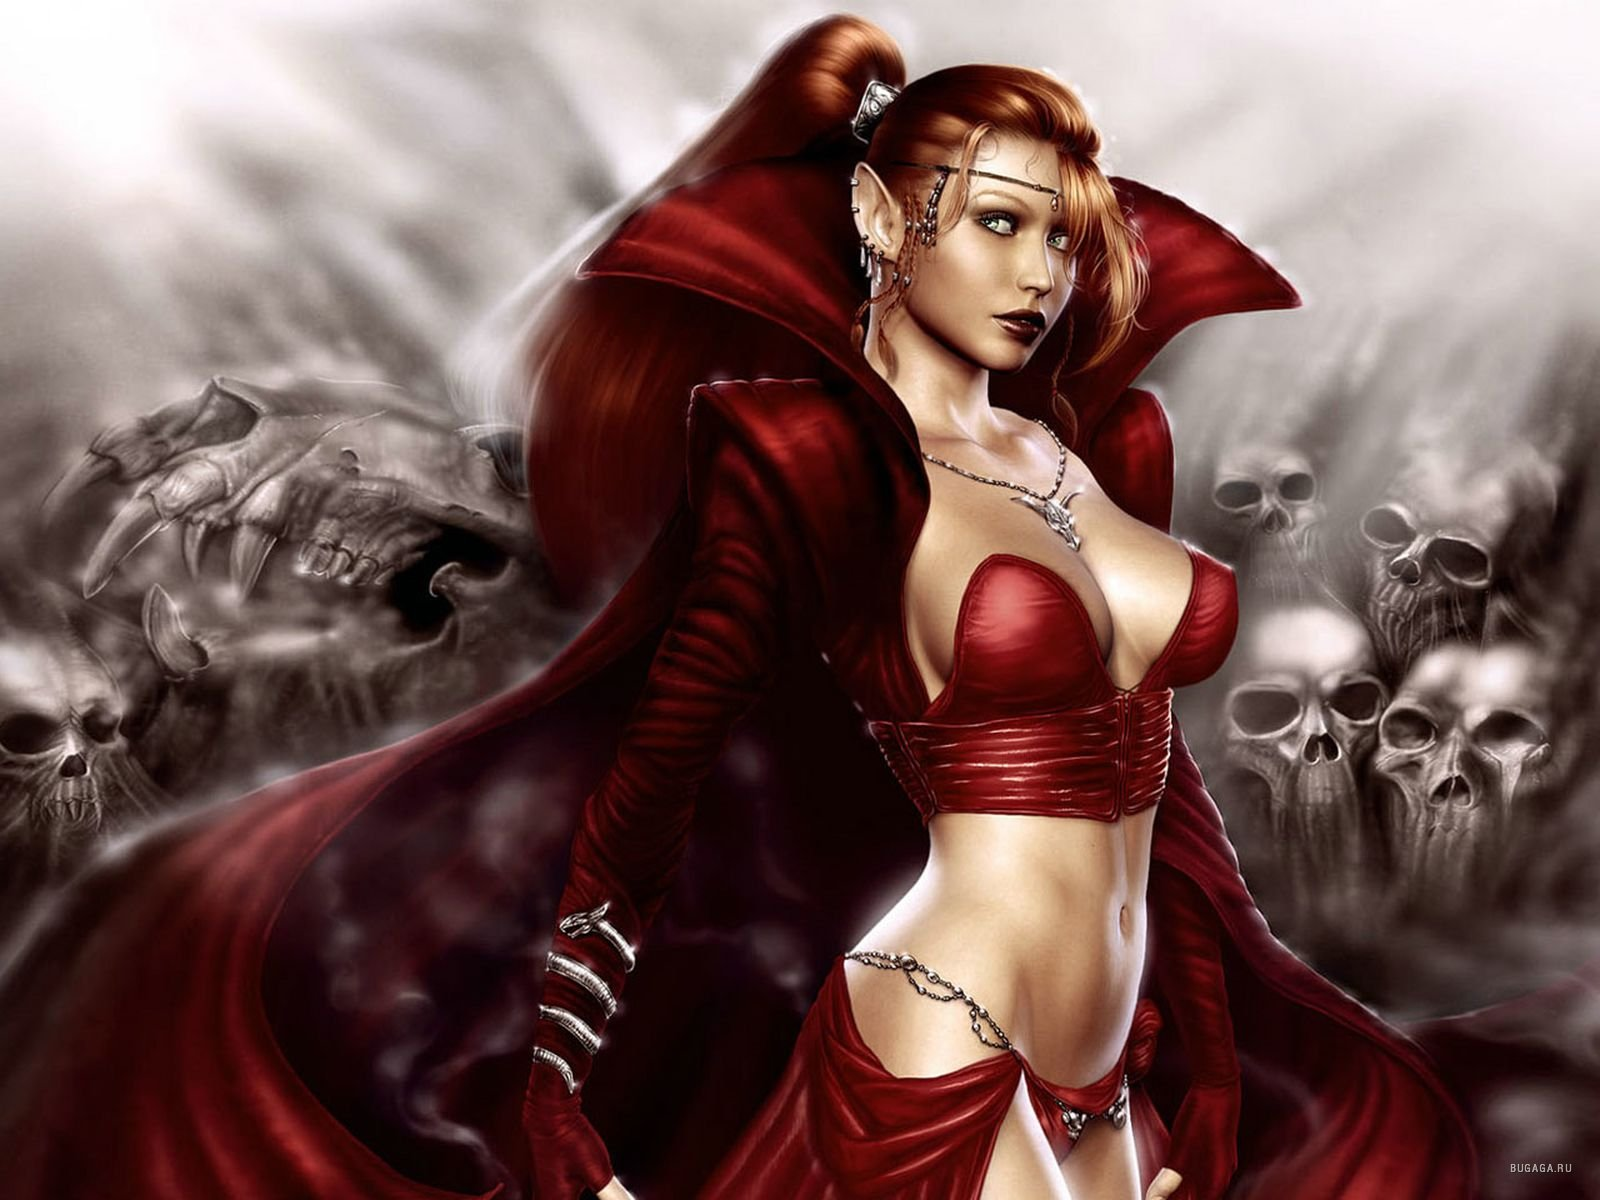 Naked warcraft jaina fucking angel